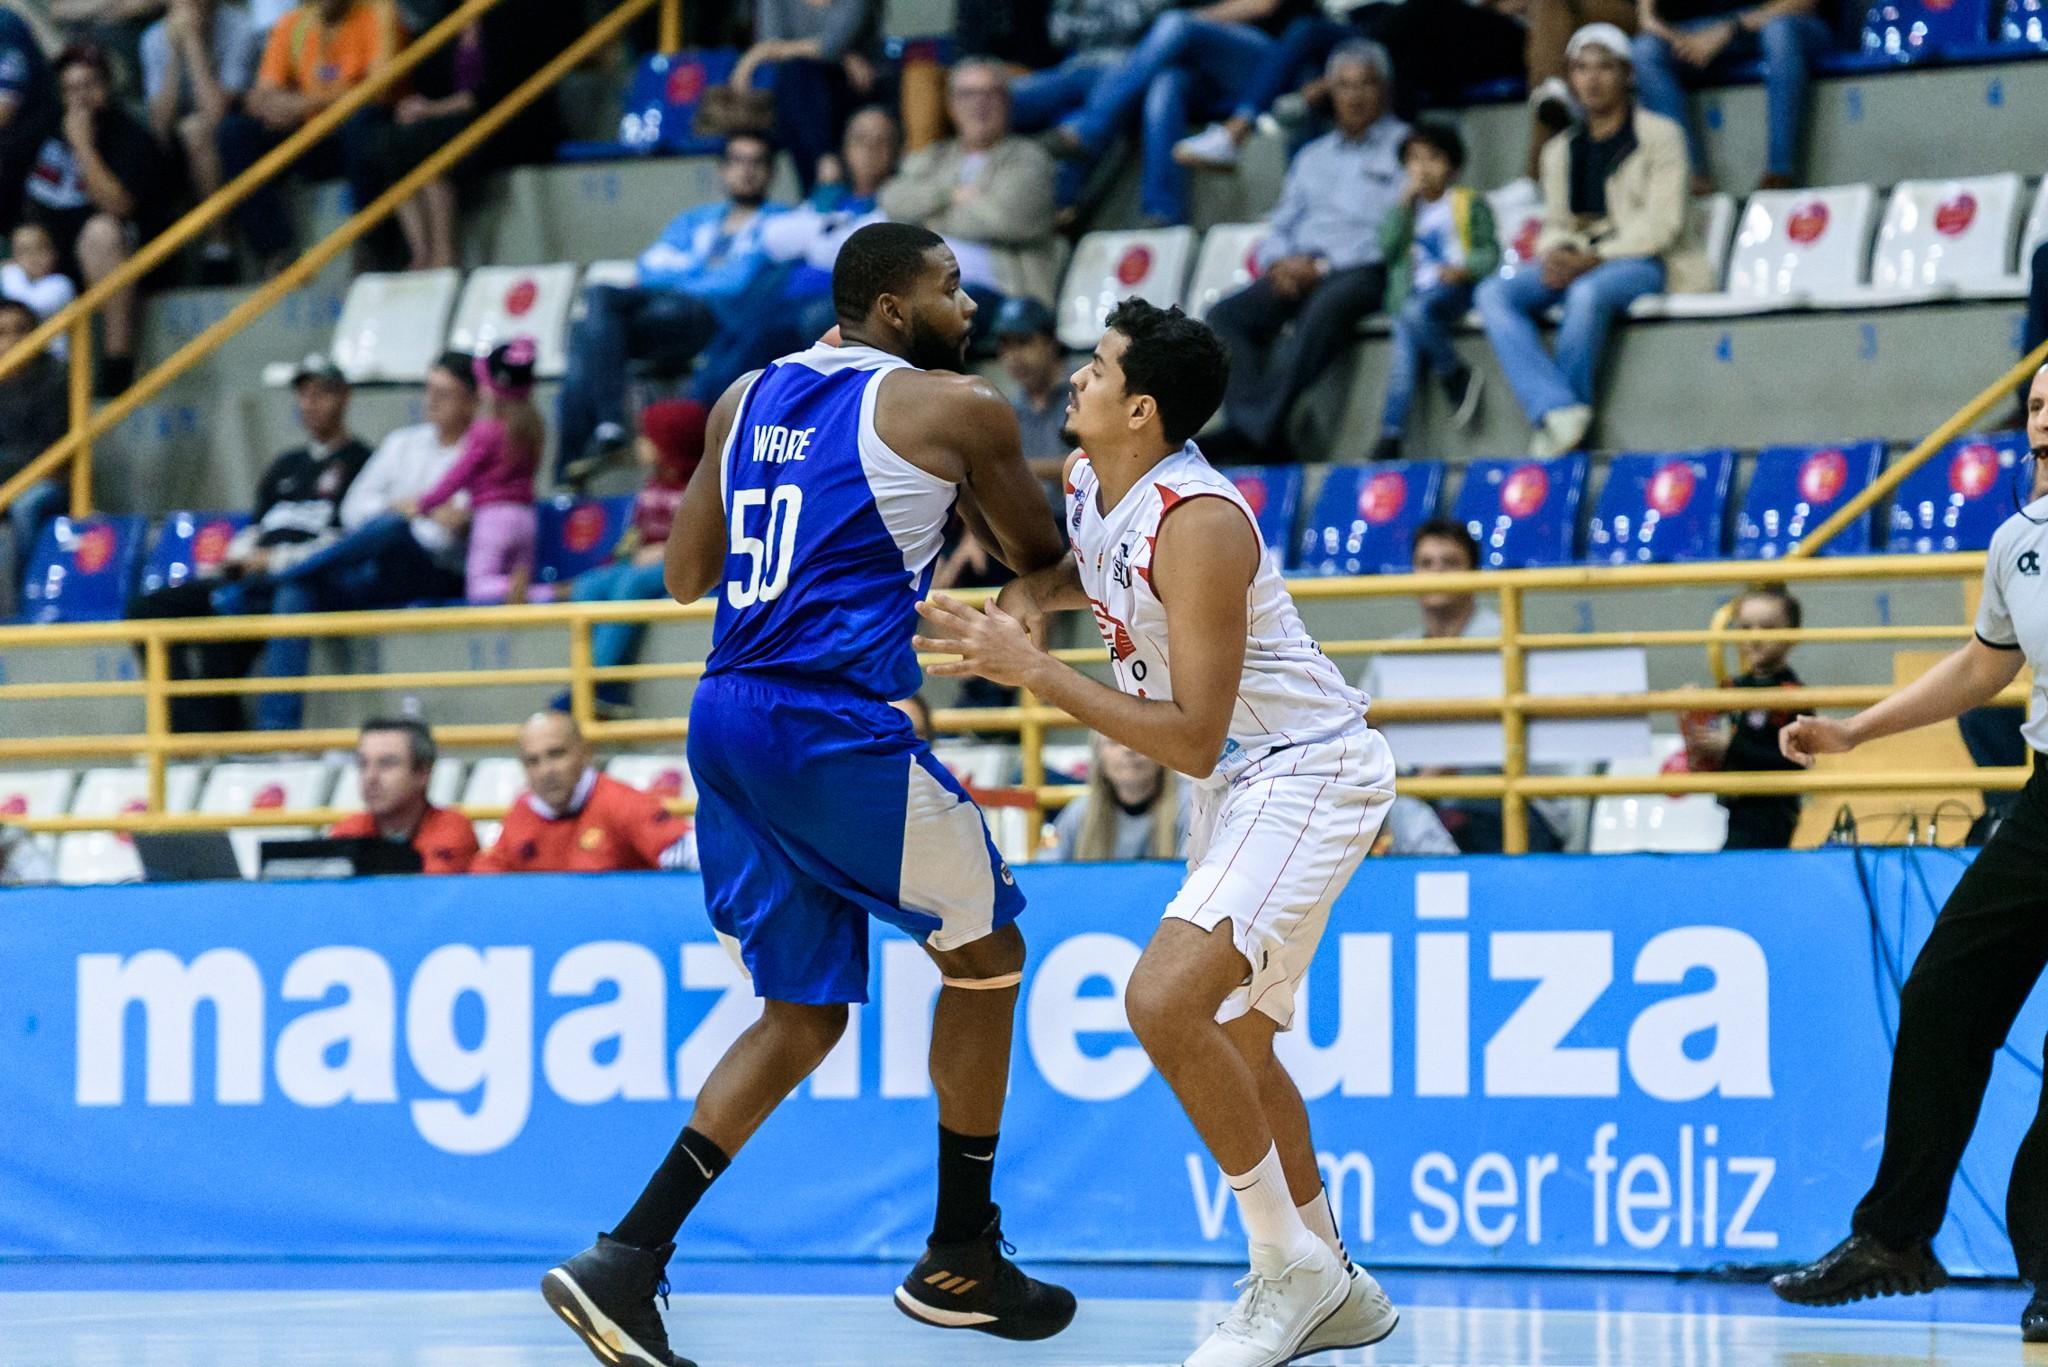 Com ótima defesa, Sesi Franca Basquete vence Pinheiros